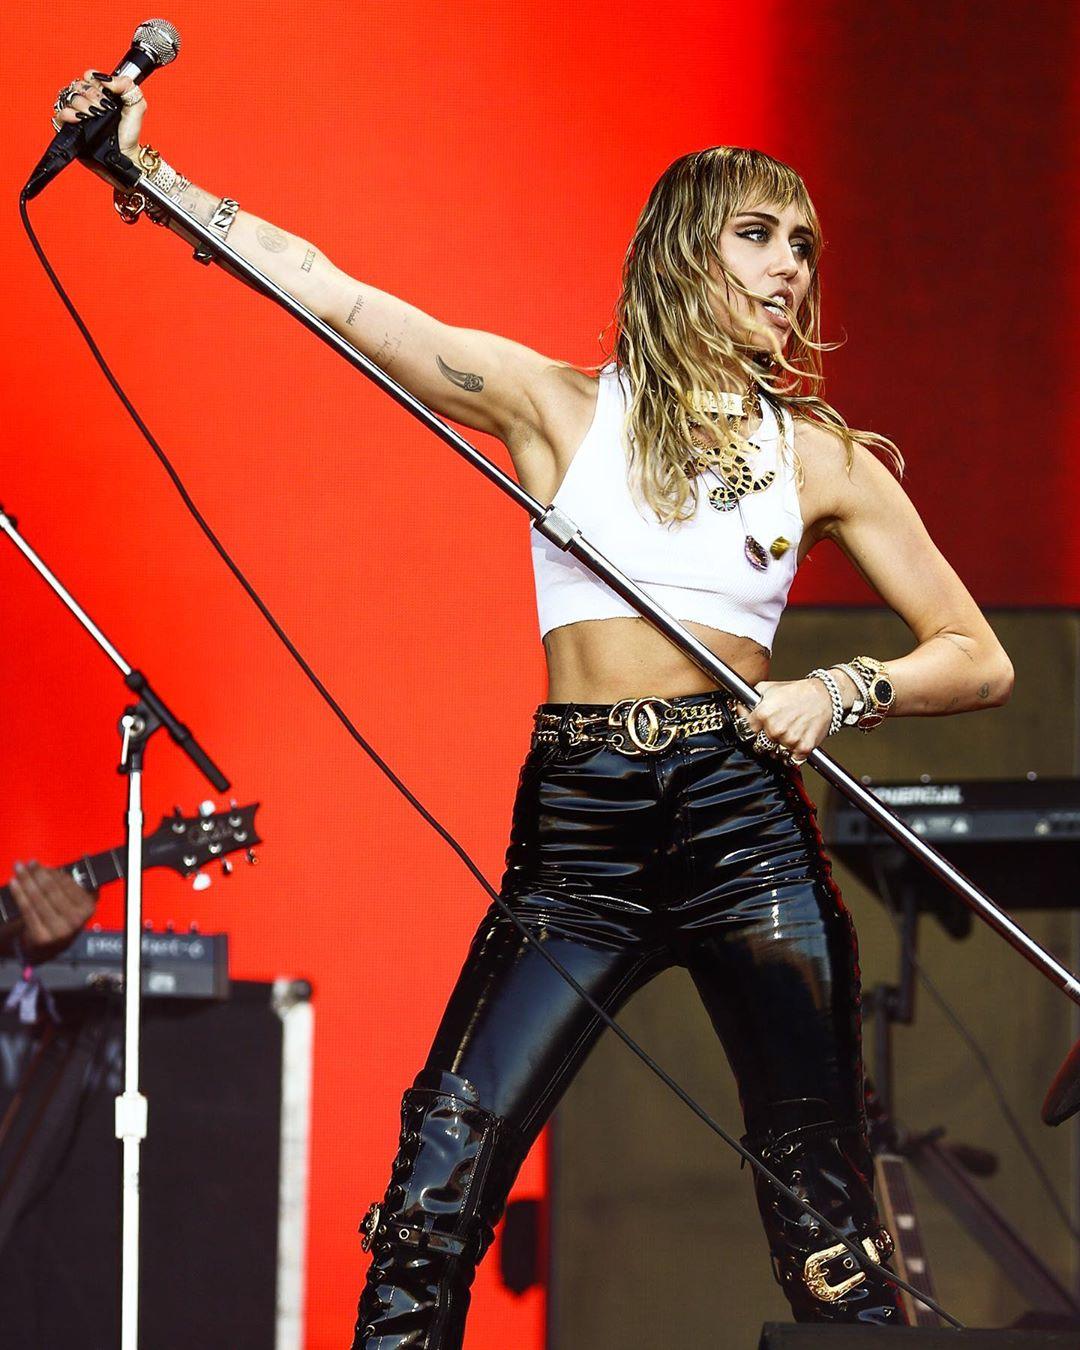 Αυτή είναι η νέα σύντροφος της Miley Cyrus